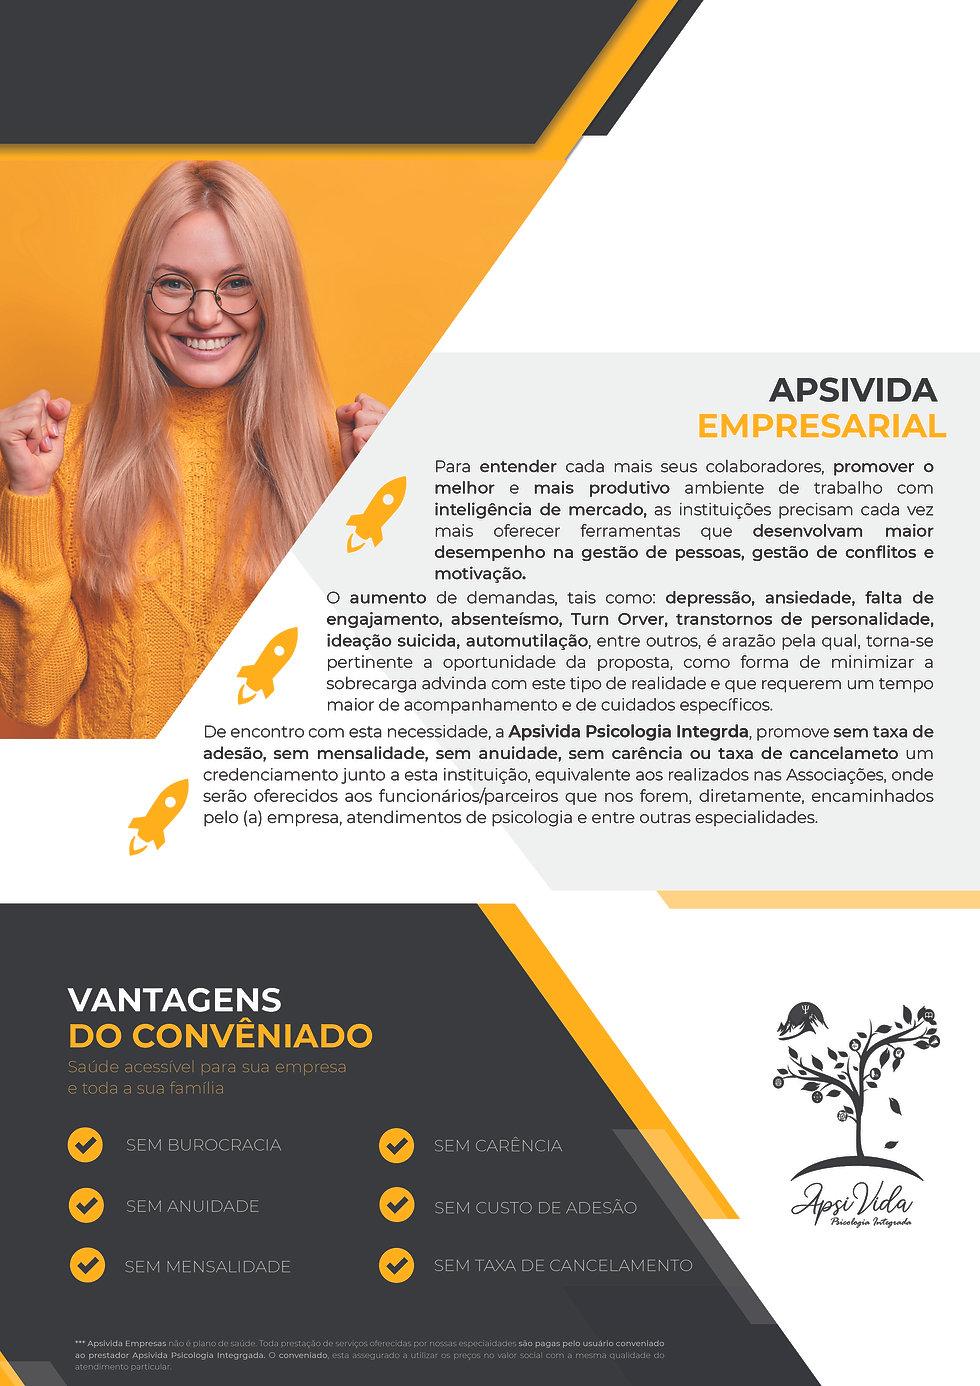 APSIVIDA EMPRESARIAL PAG 2.jpg